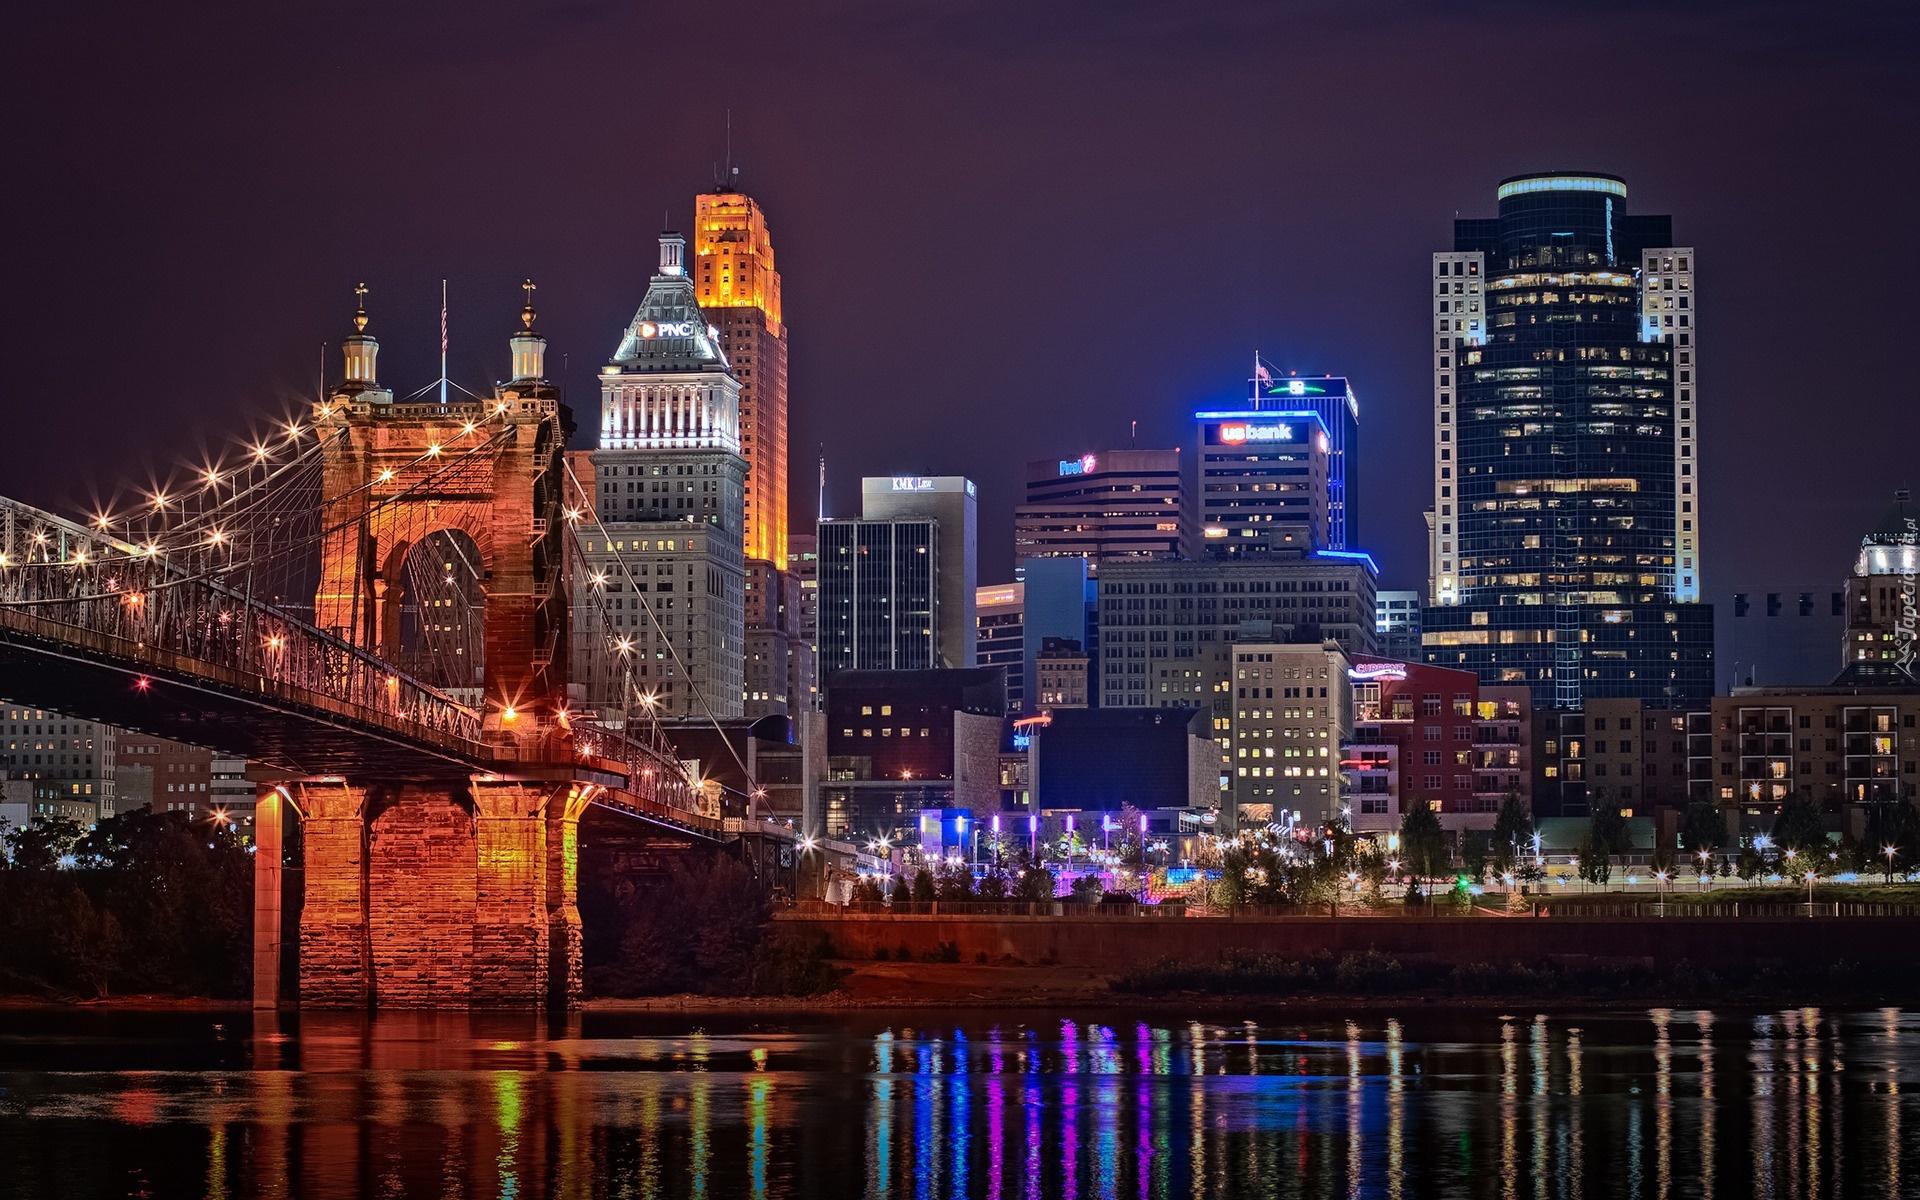 Stany Zjednoczone Cincinnati Miasto Noc Rzeka Most